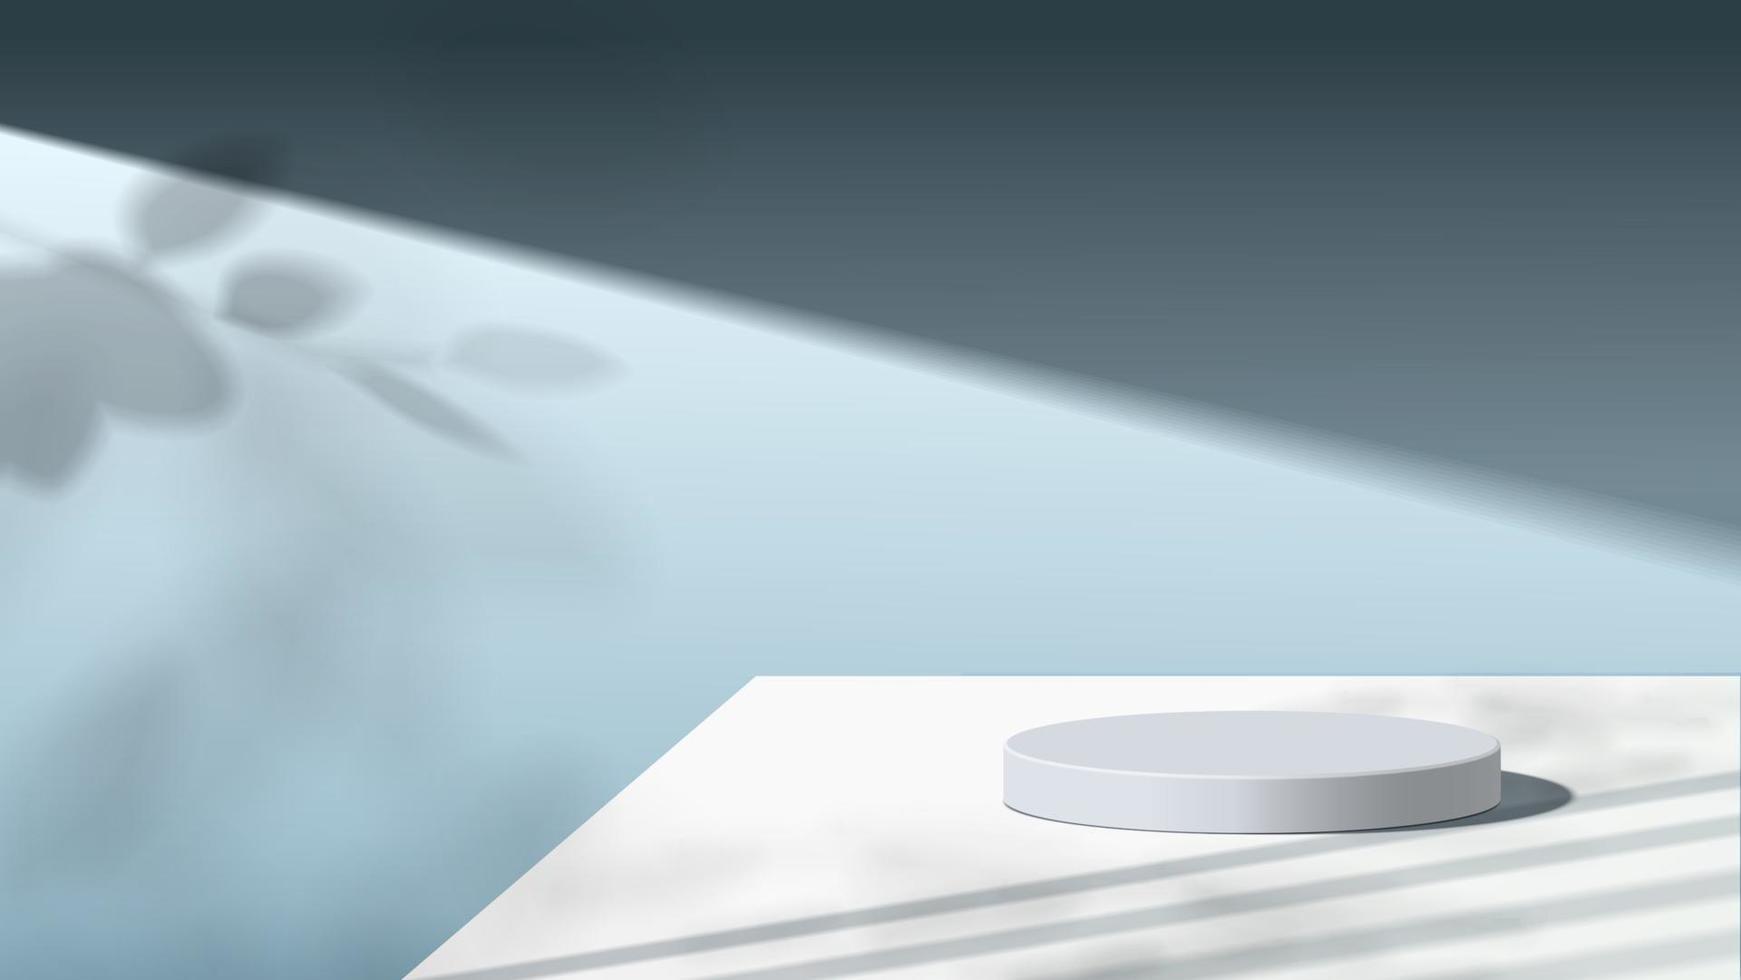 abstrakte minimale Szene mit geometrischen Formen. Holzpodest im Hintergrund. Produktpräsentation, Mock-Up, Show-Kosmetikprodukt-Display, Podium, Bühnenpodest oder Plattform. 3D-Vektor vektor